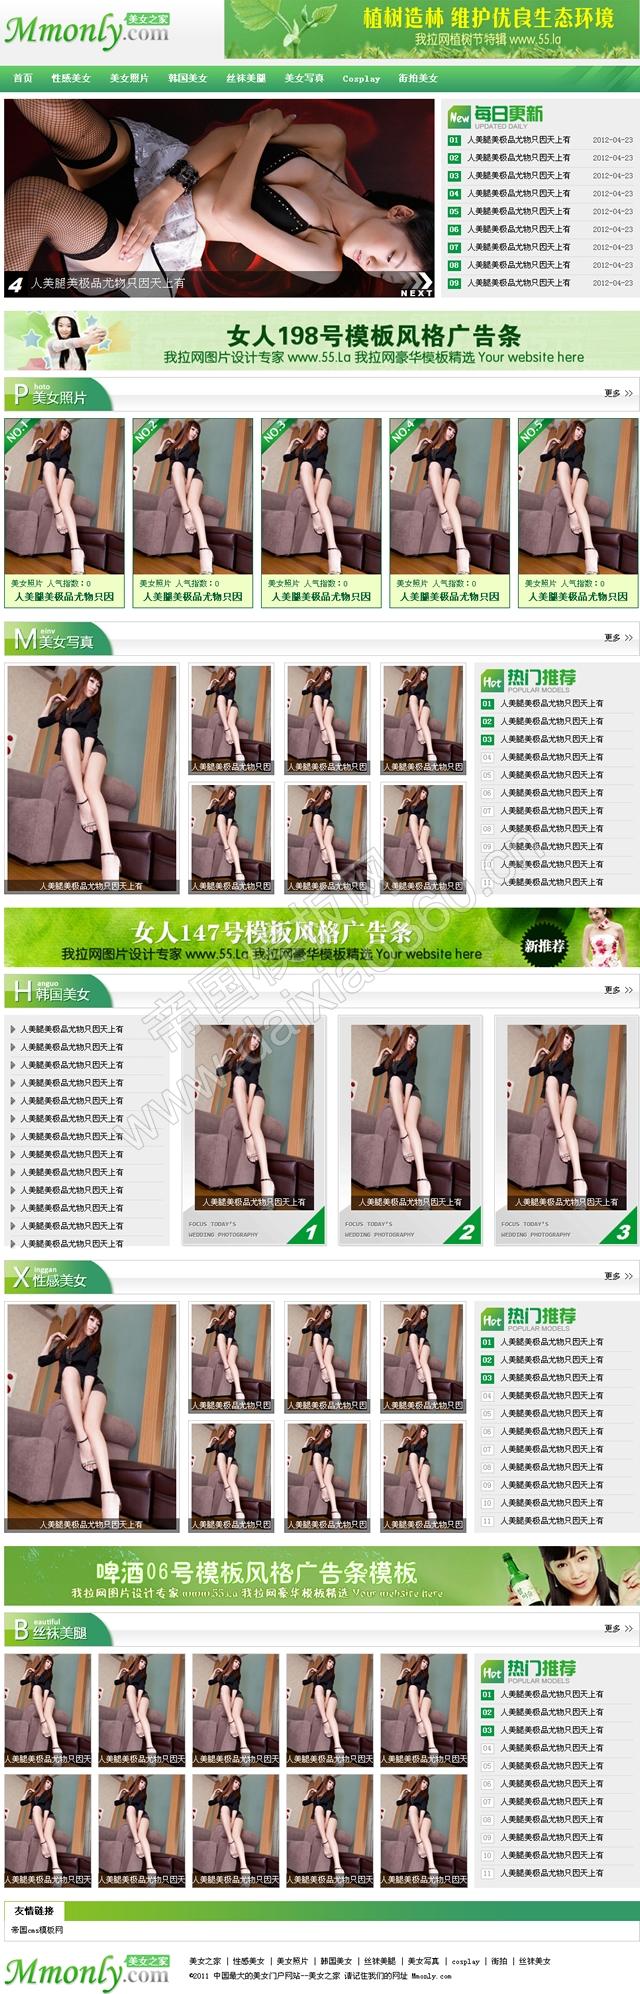 帝国cms美女图片模板之绿色大气_首页